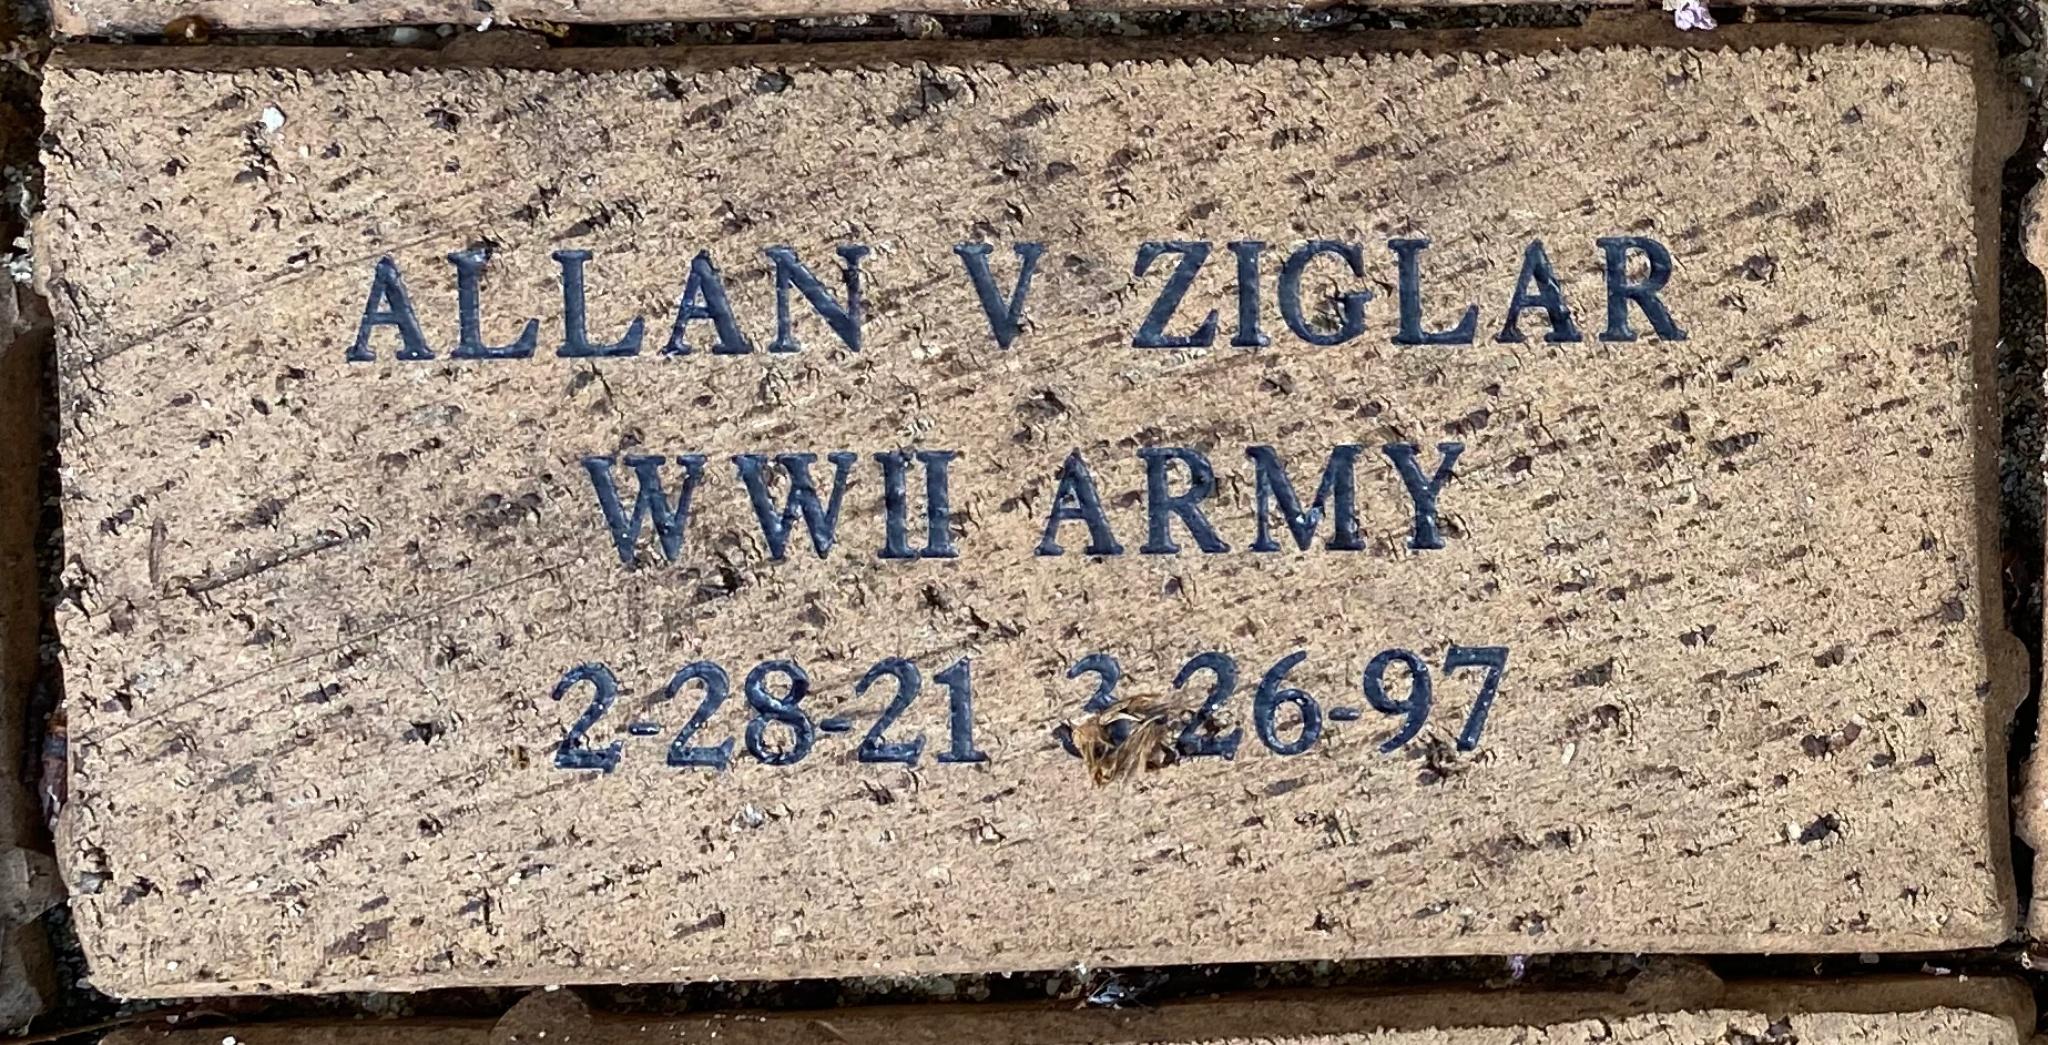 ALLAN V ZIGLAR WWII ARMY 2-28-21 3-26-97